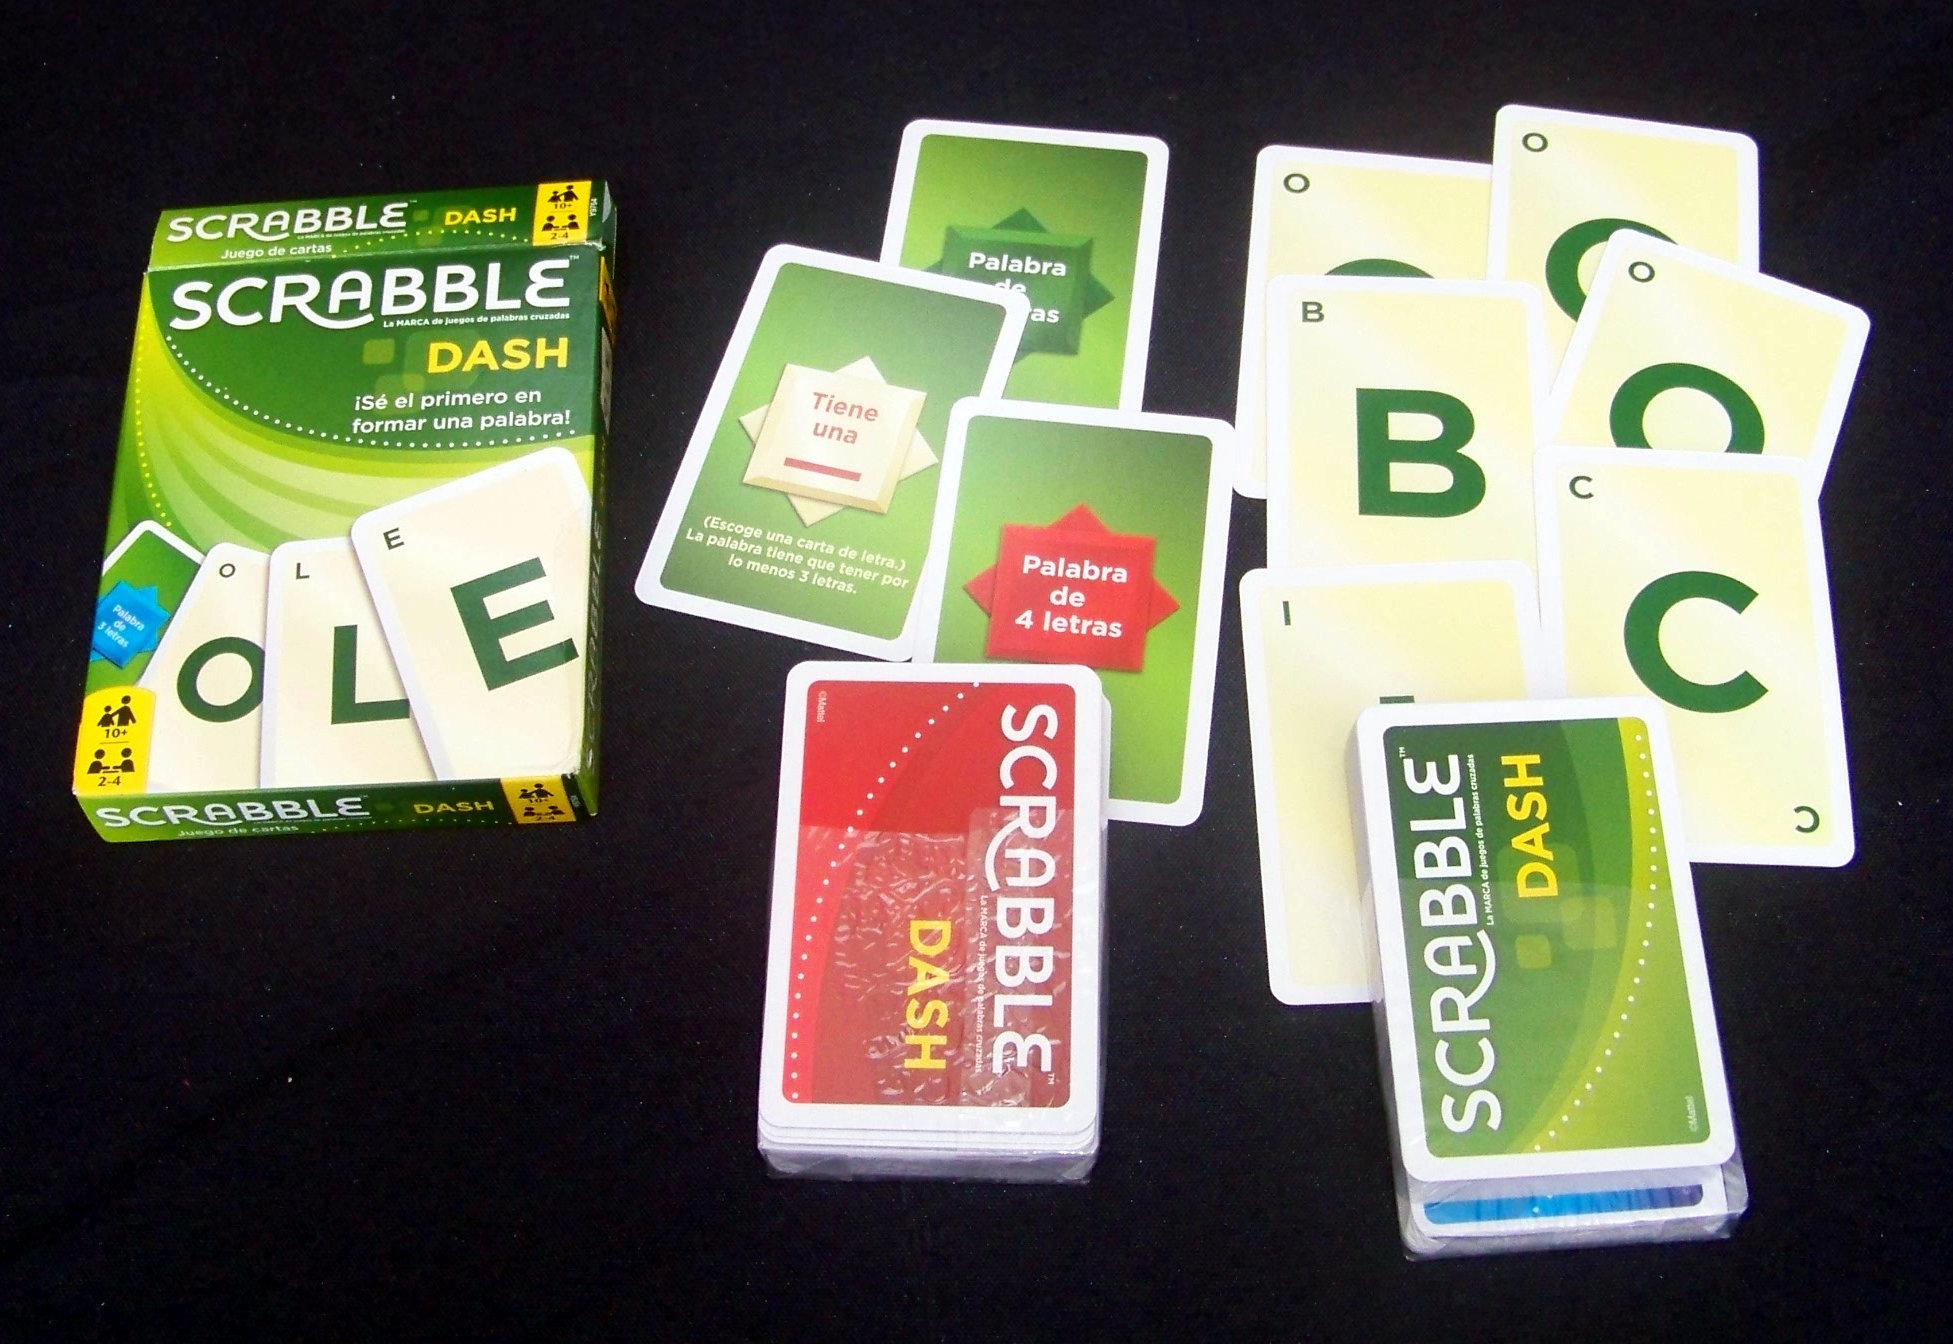 Componentes del Scrabble Dash